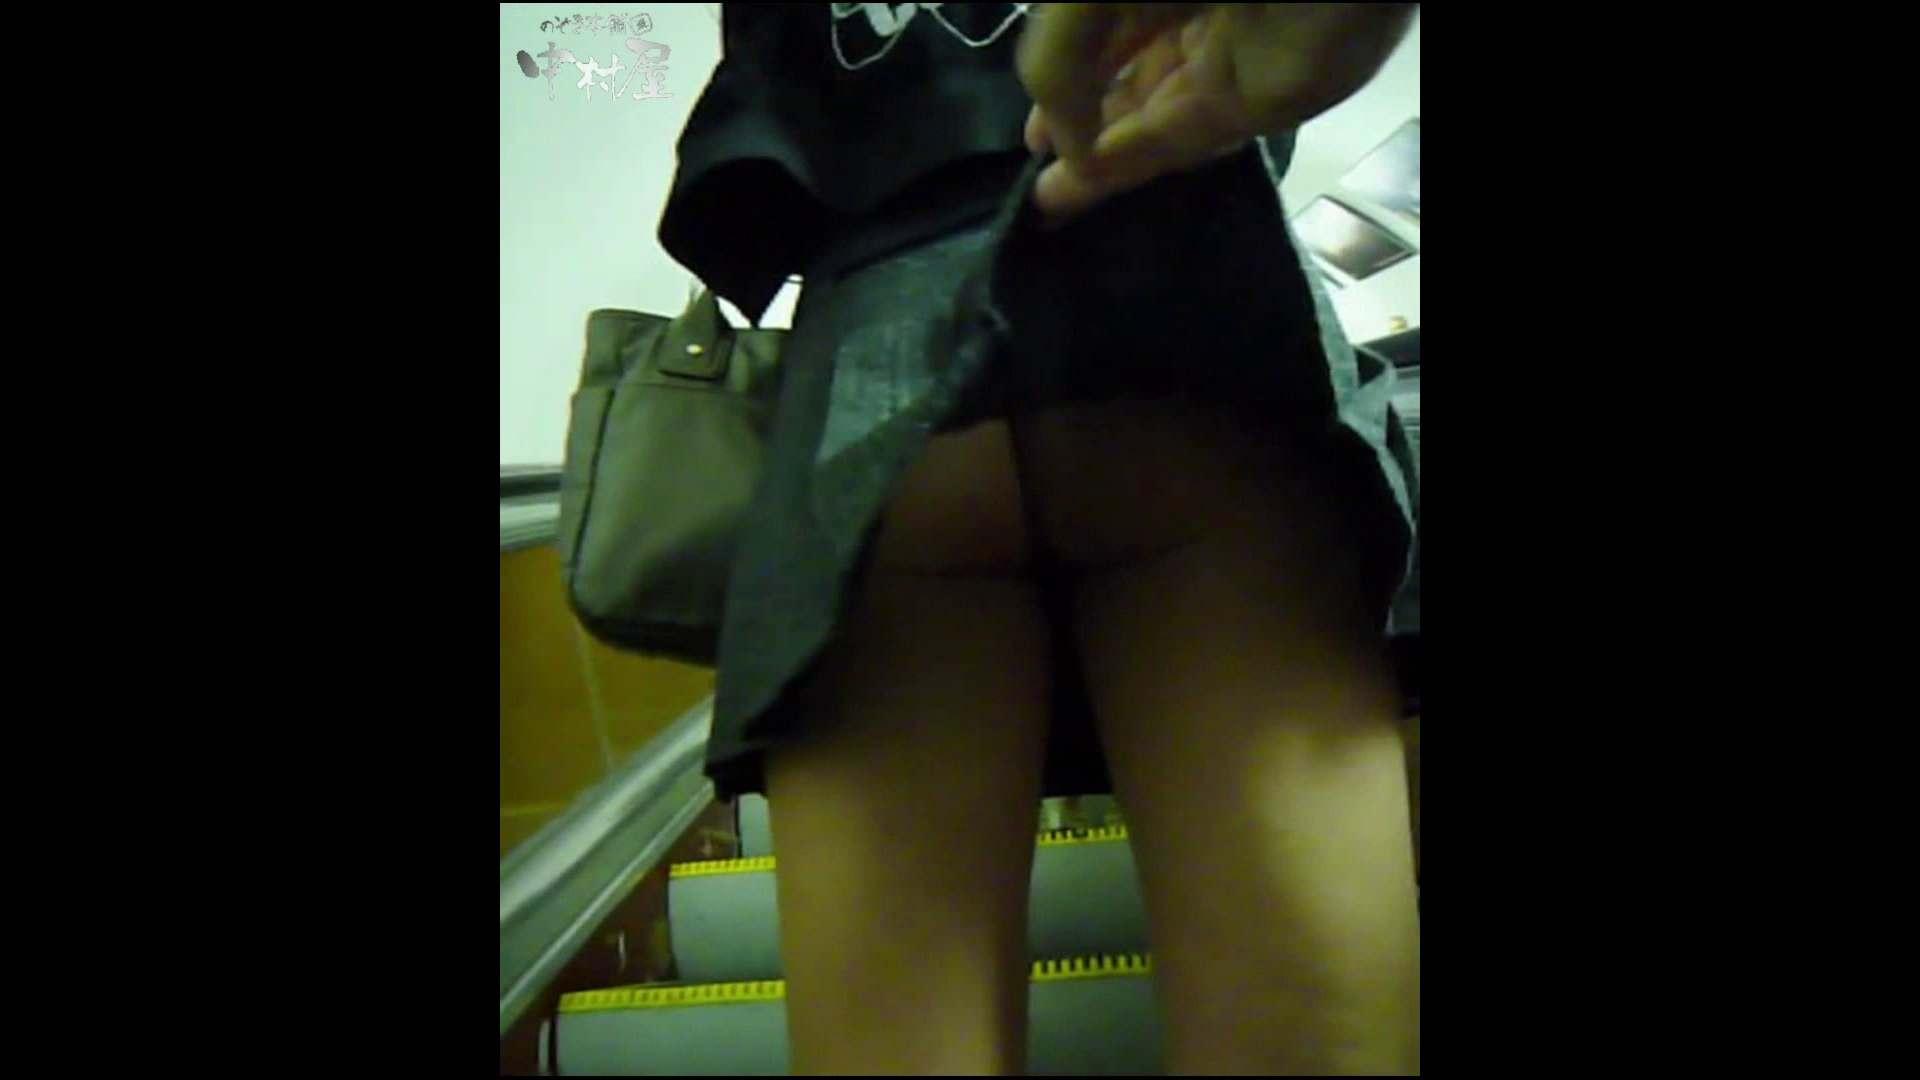 綺麗なモデルさんのスカート捲っちゃおう‼ vol26 Hなお姉さん | HなOL  76pic 76